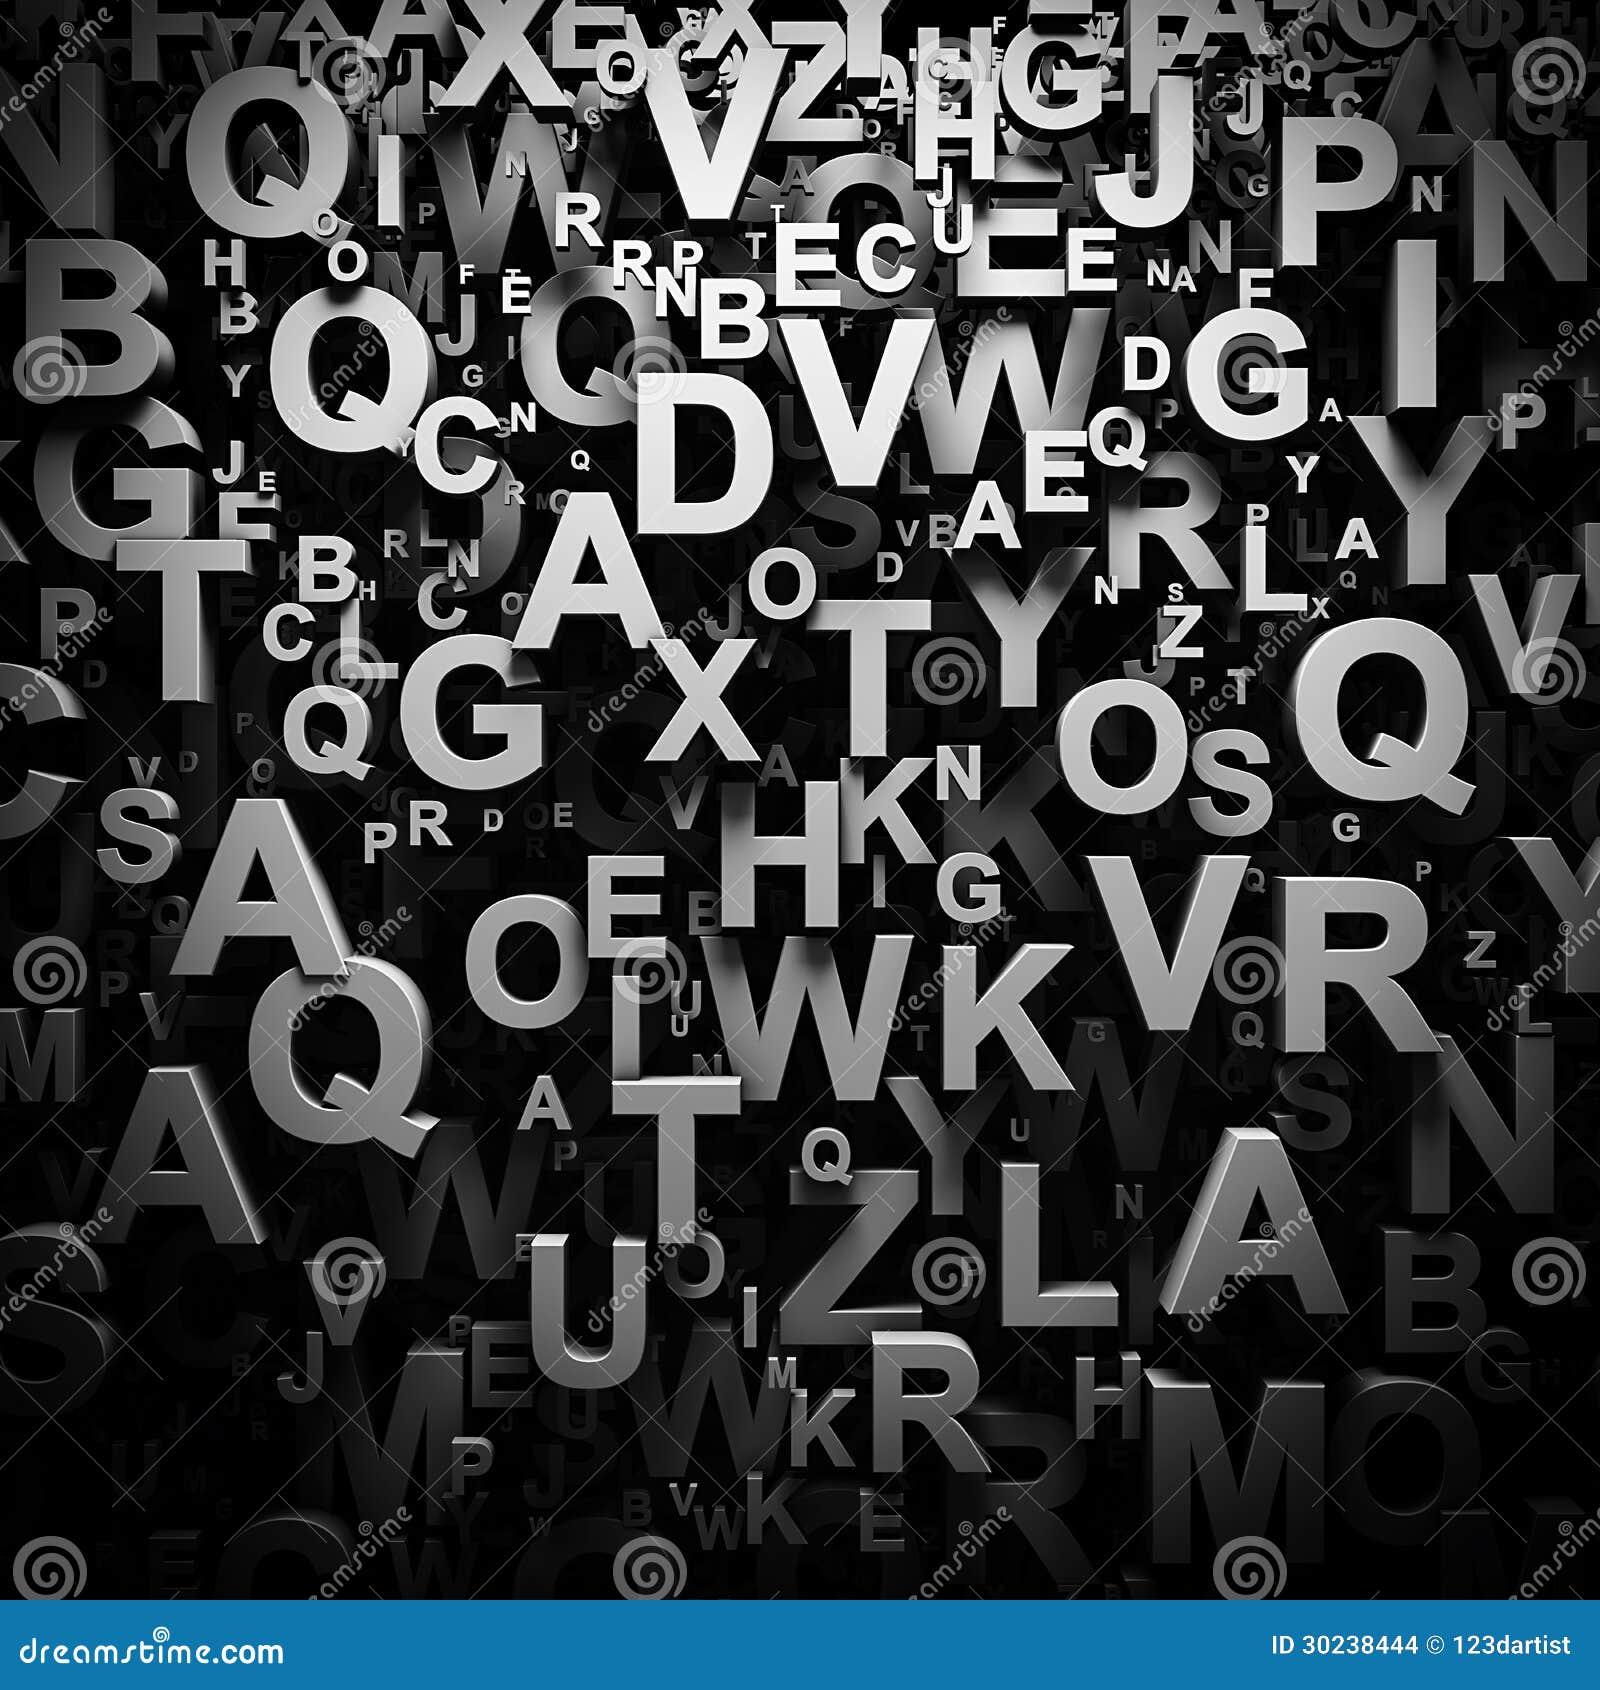 3d pone letras al papel pintado imagenes de archivo for Papel pintado blanco y negro